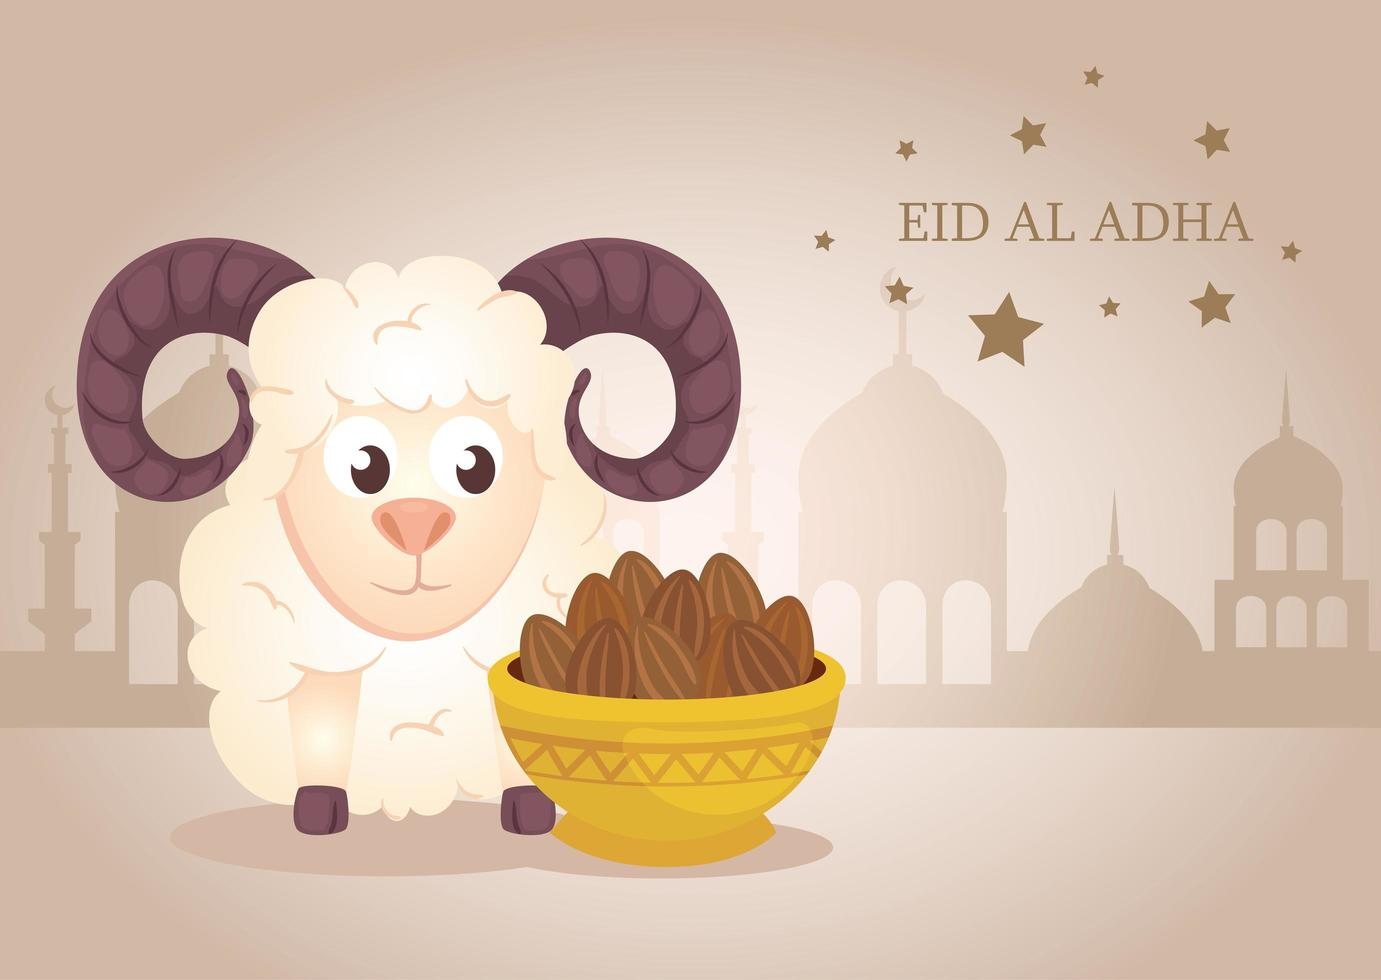 Celebração eid al adha mubarak com ovelhas e uma tigela de tâmaras vetor